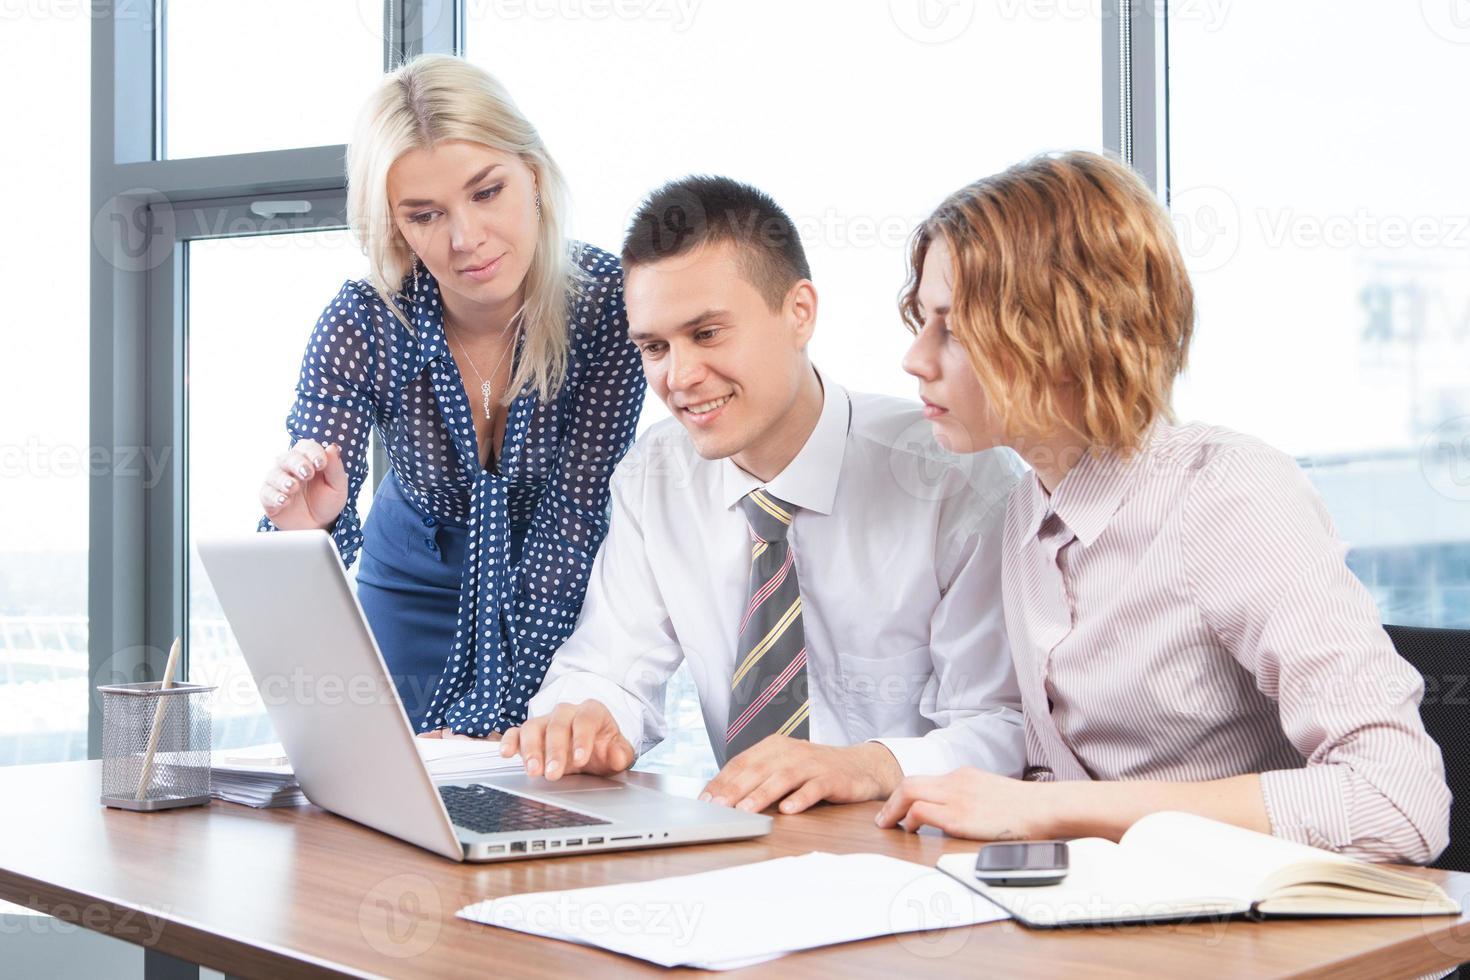 Geschäftsleute, die am Besprechungstisch im Büro zusammenarbeiten foto